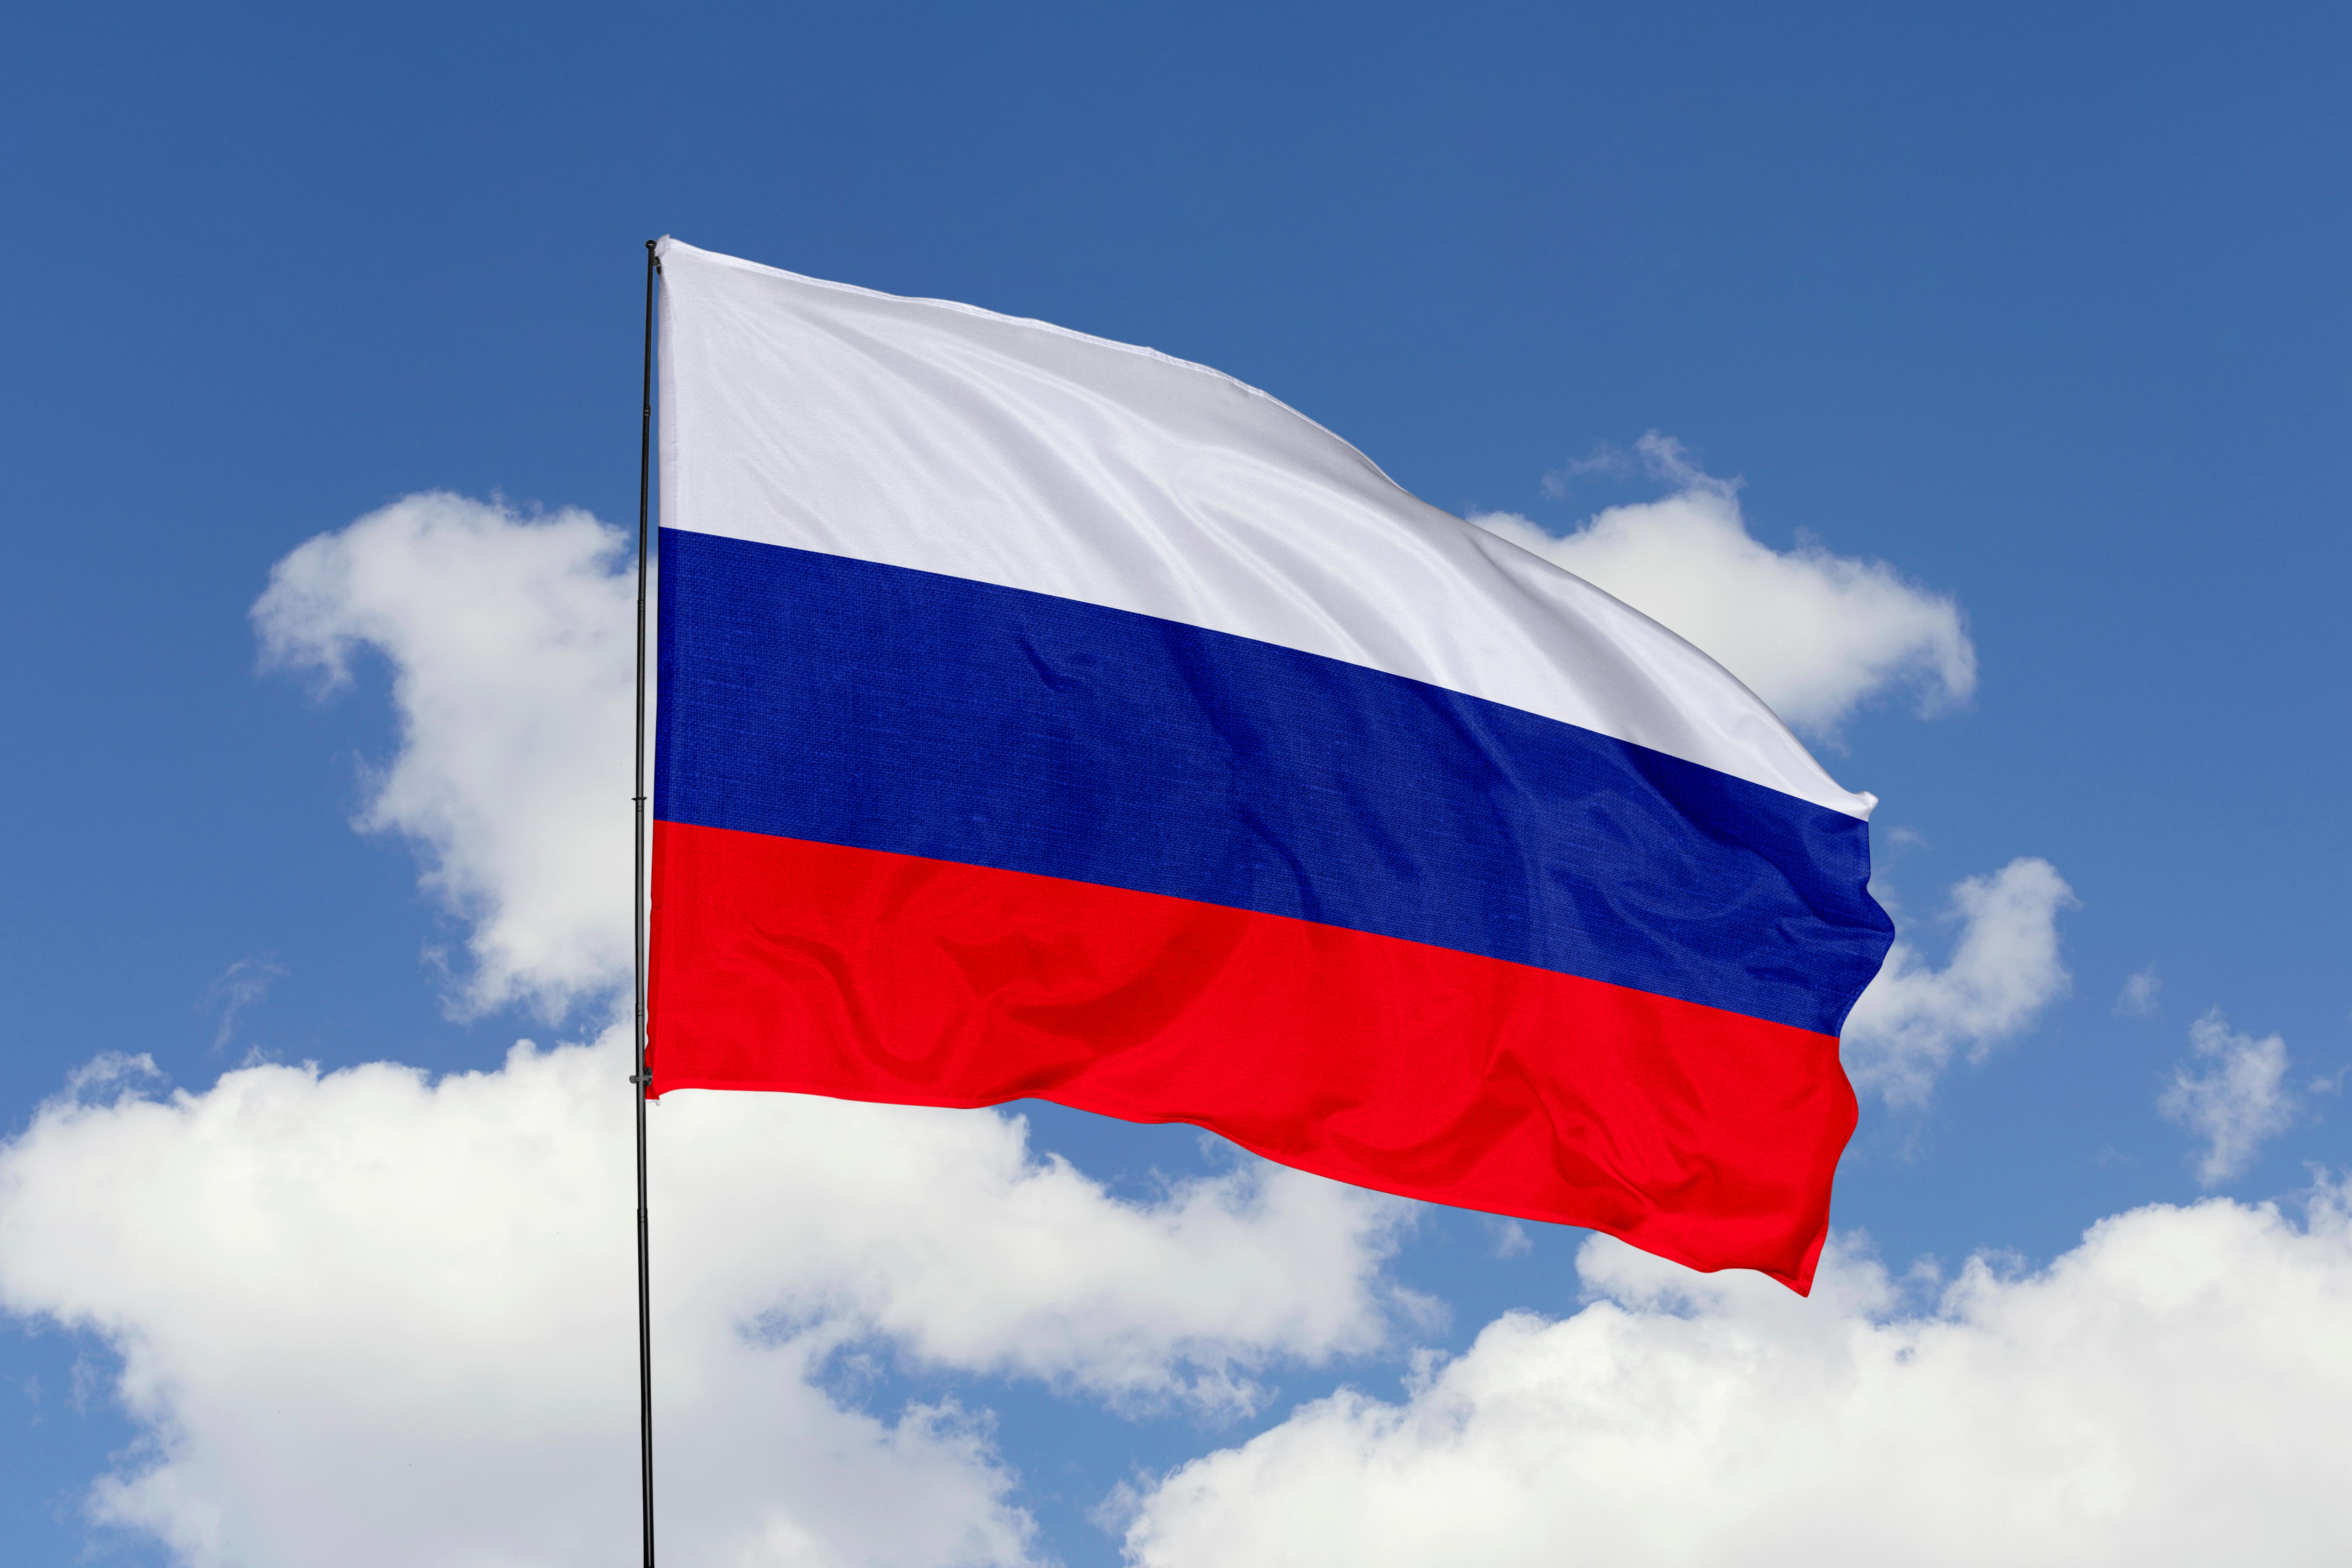 Ce mișcări importante face Rusia la câteva zile după incidentul cu distrugătorul britanic